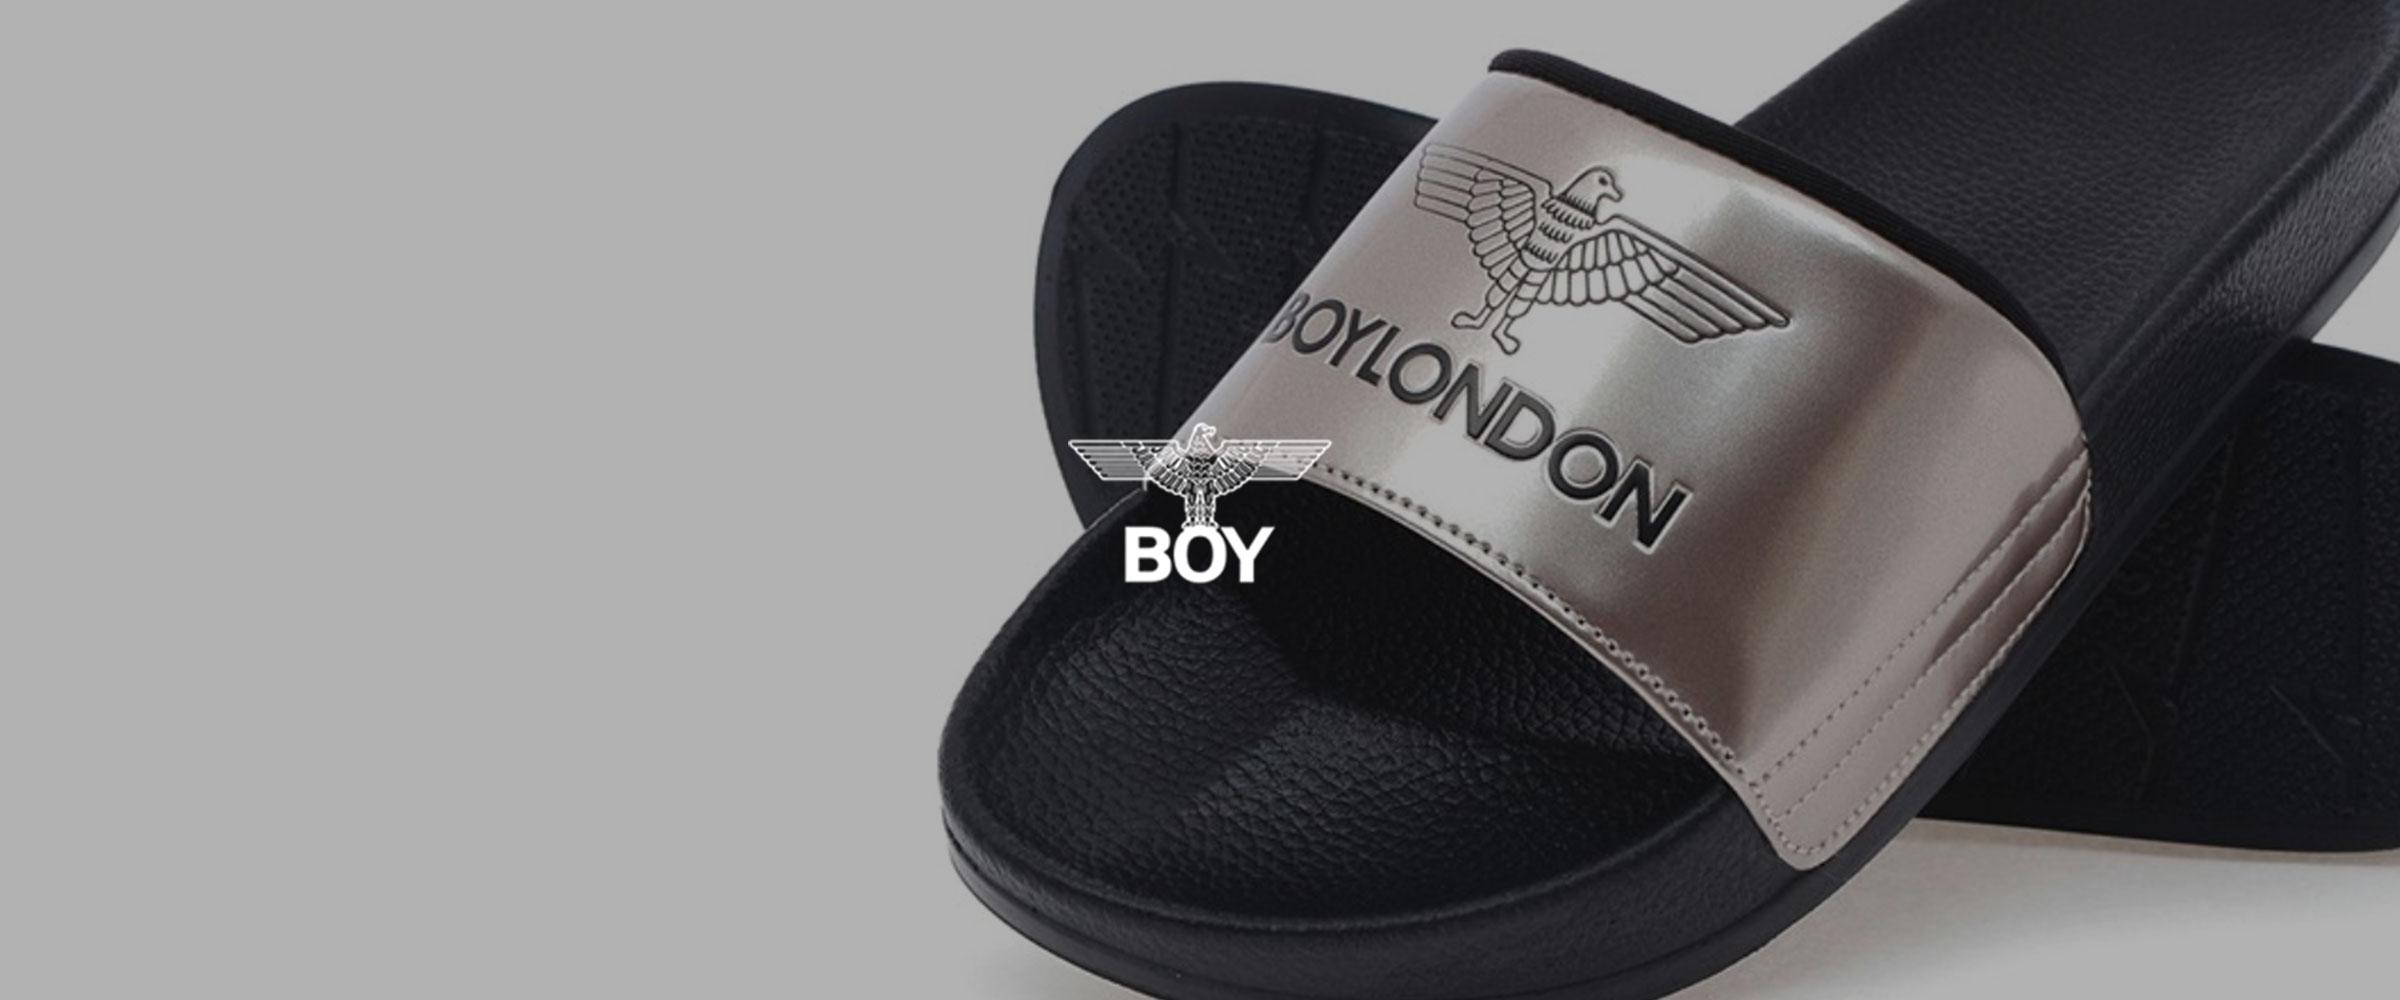 boylondon.jpg